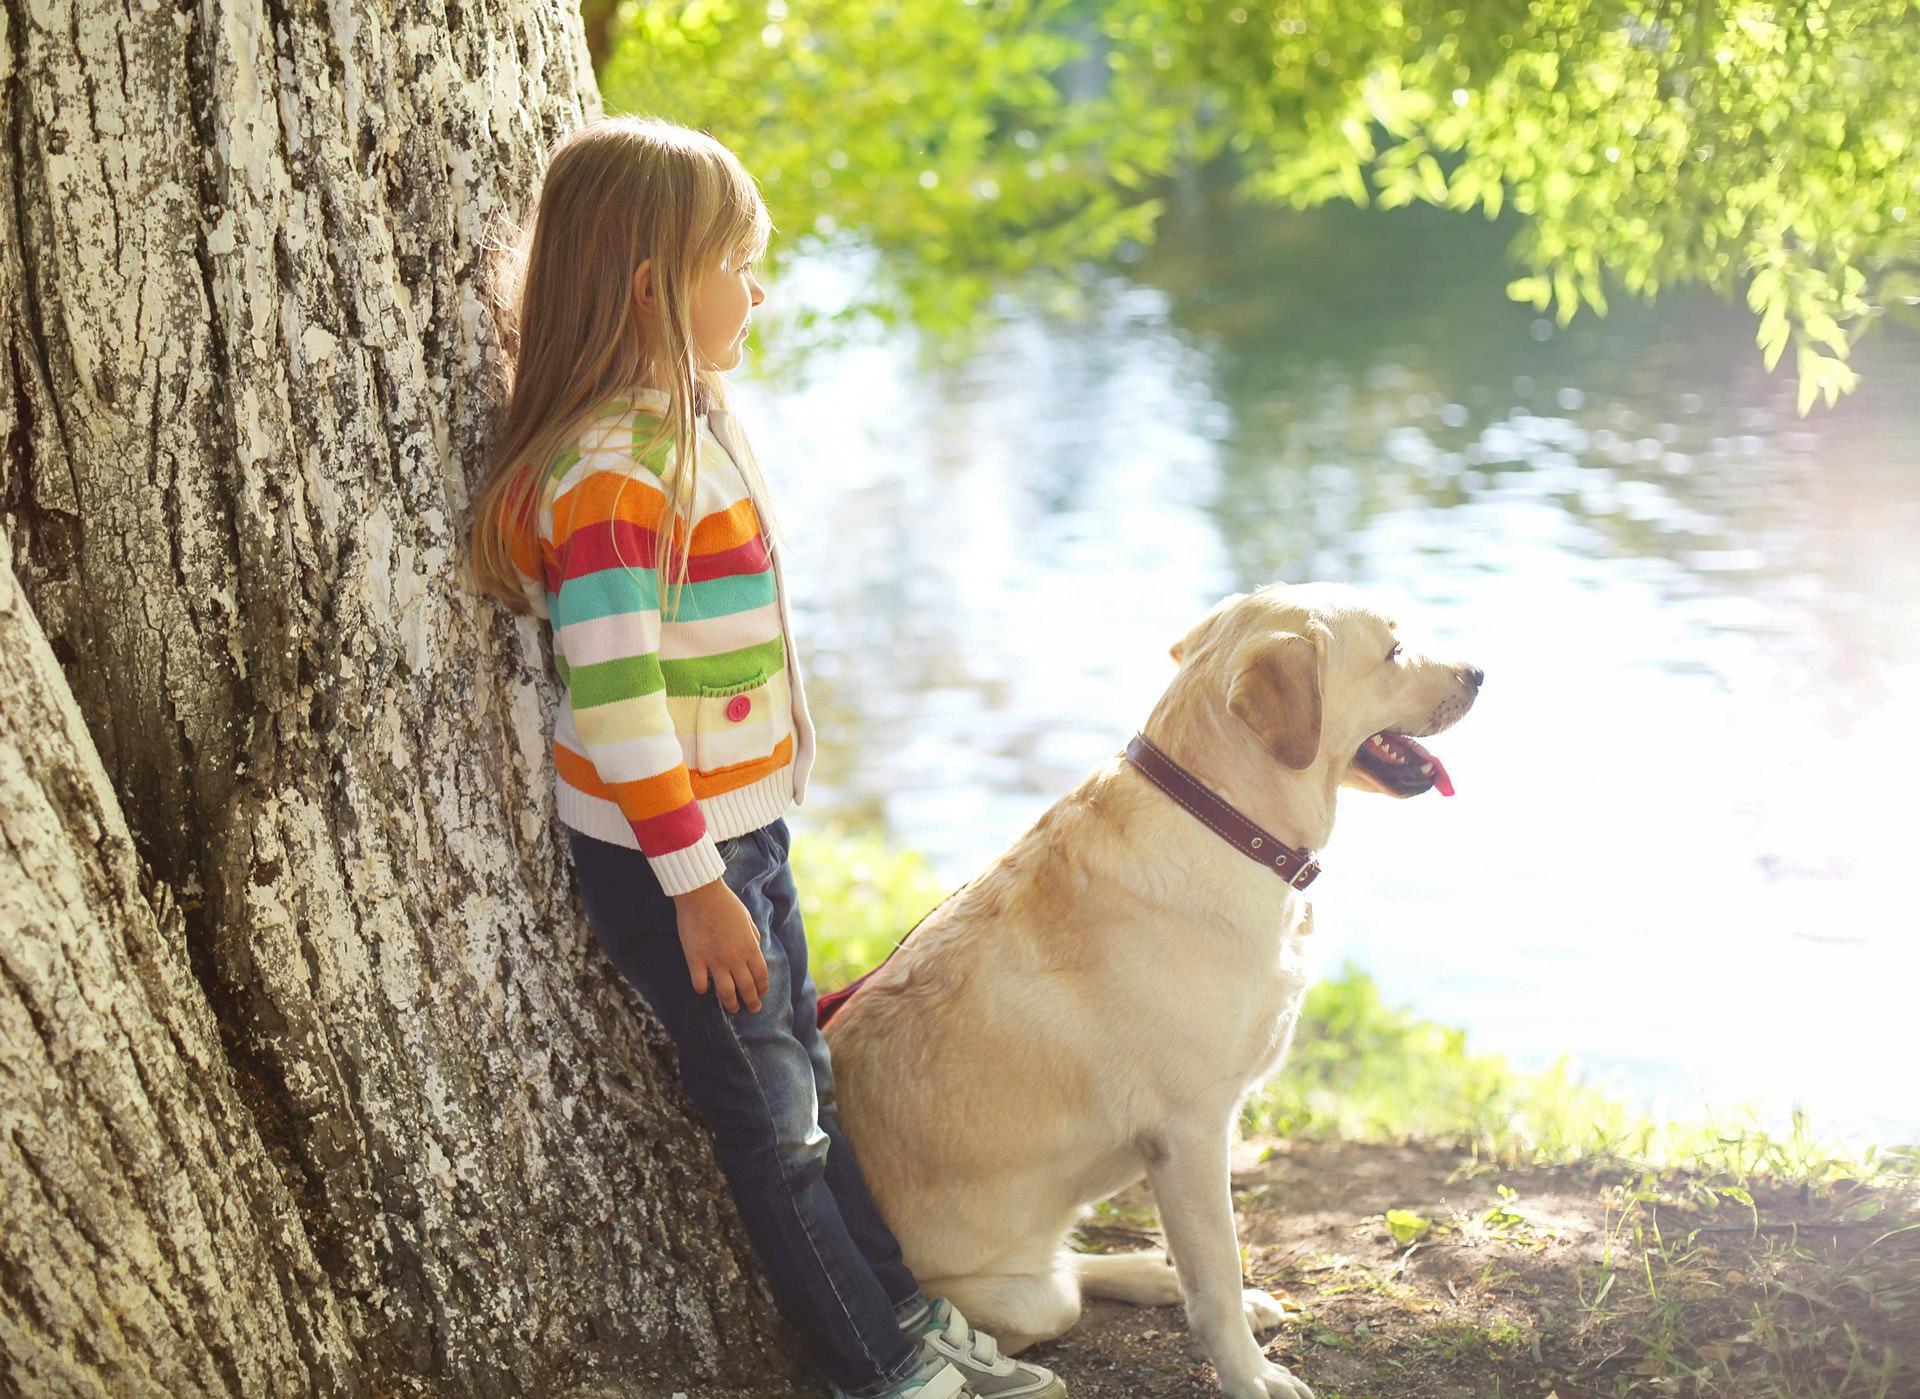 Dogs-and-Kids--Mein-Angebot-für-Sie--Kind-lehnt-am-Baum-mit-Hund